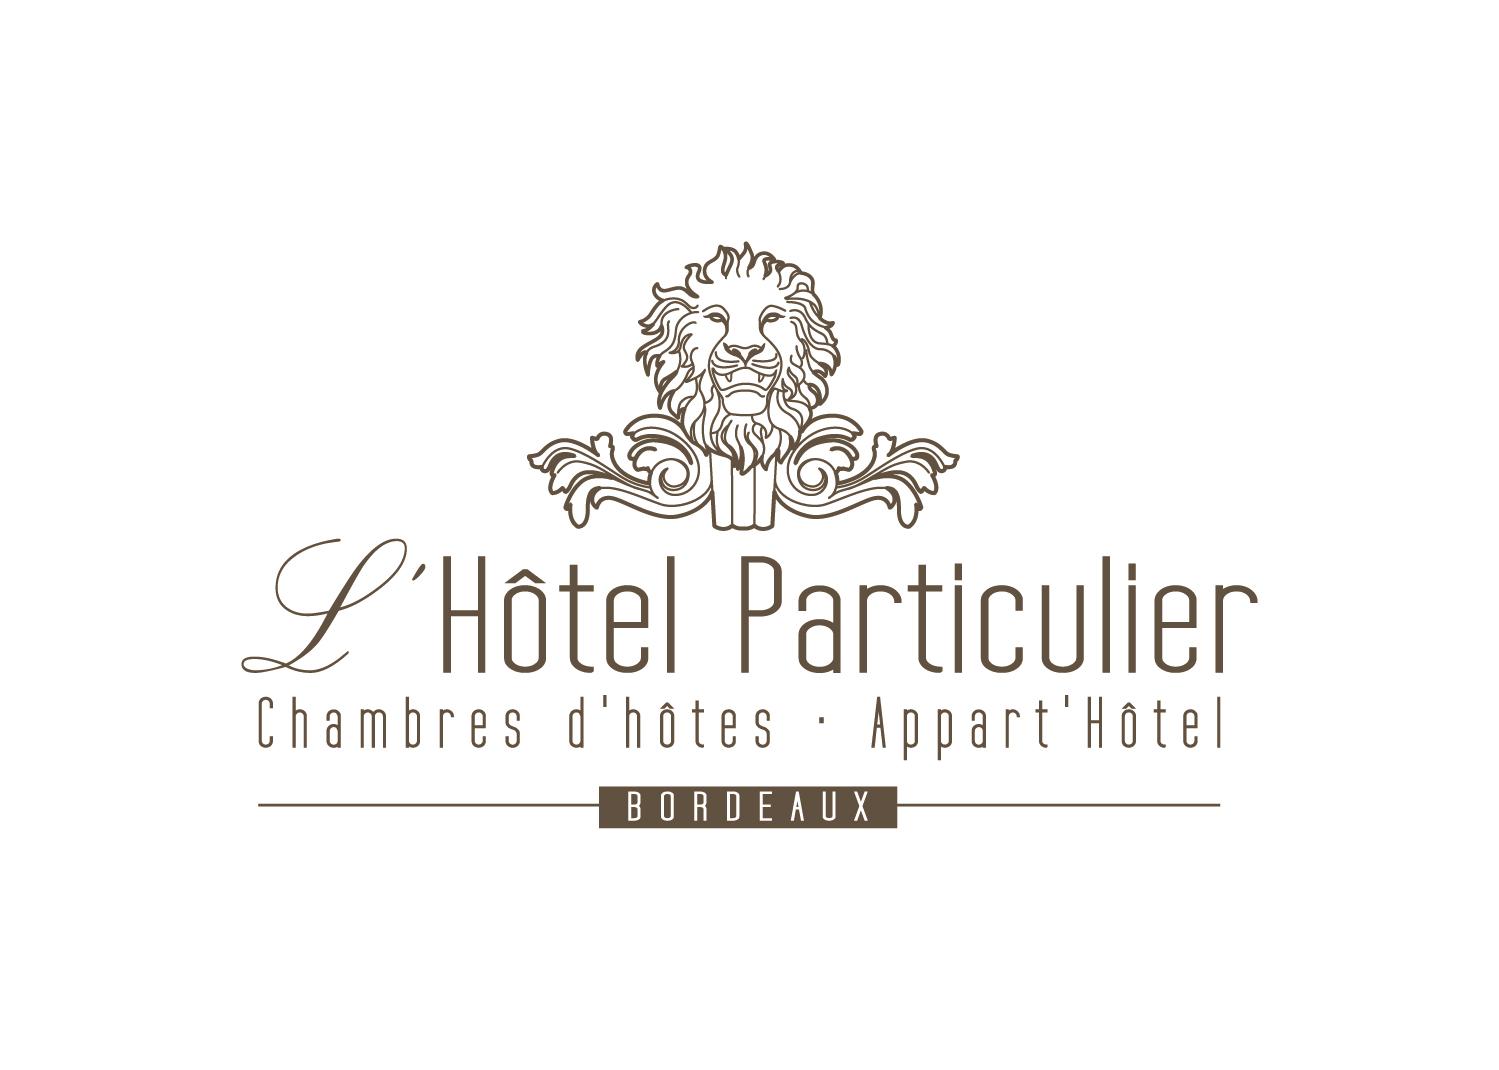 L'Hôtel-Particulier Bordeaux